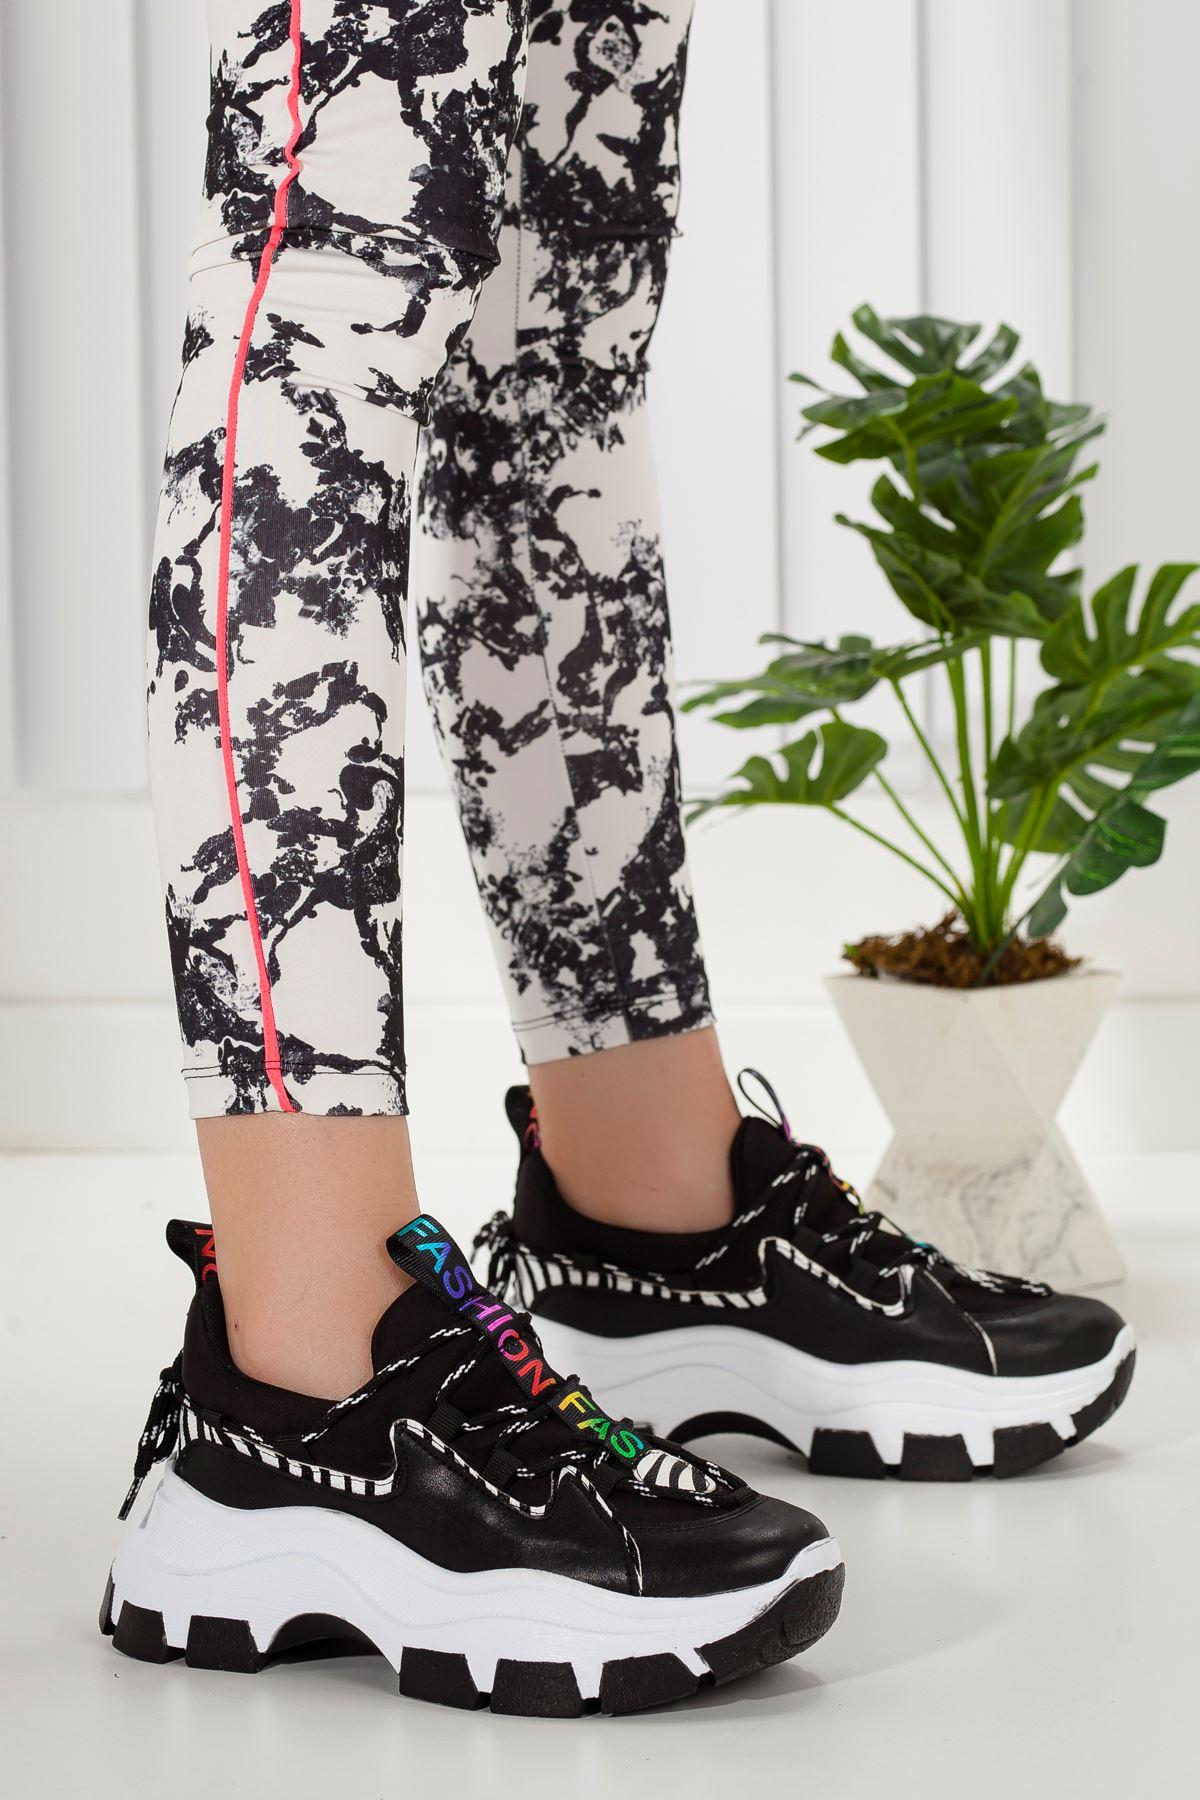 Kadın Badde Kalın Taban Siyah Spor Ayakkabı